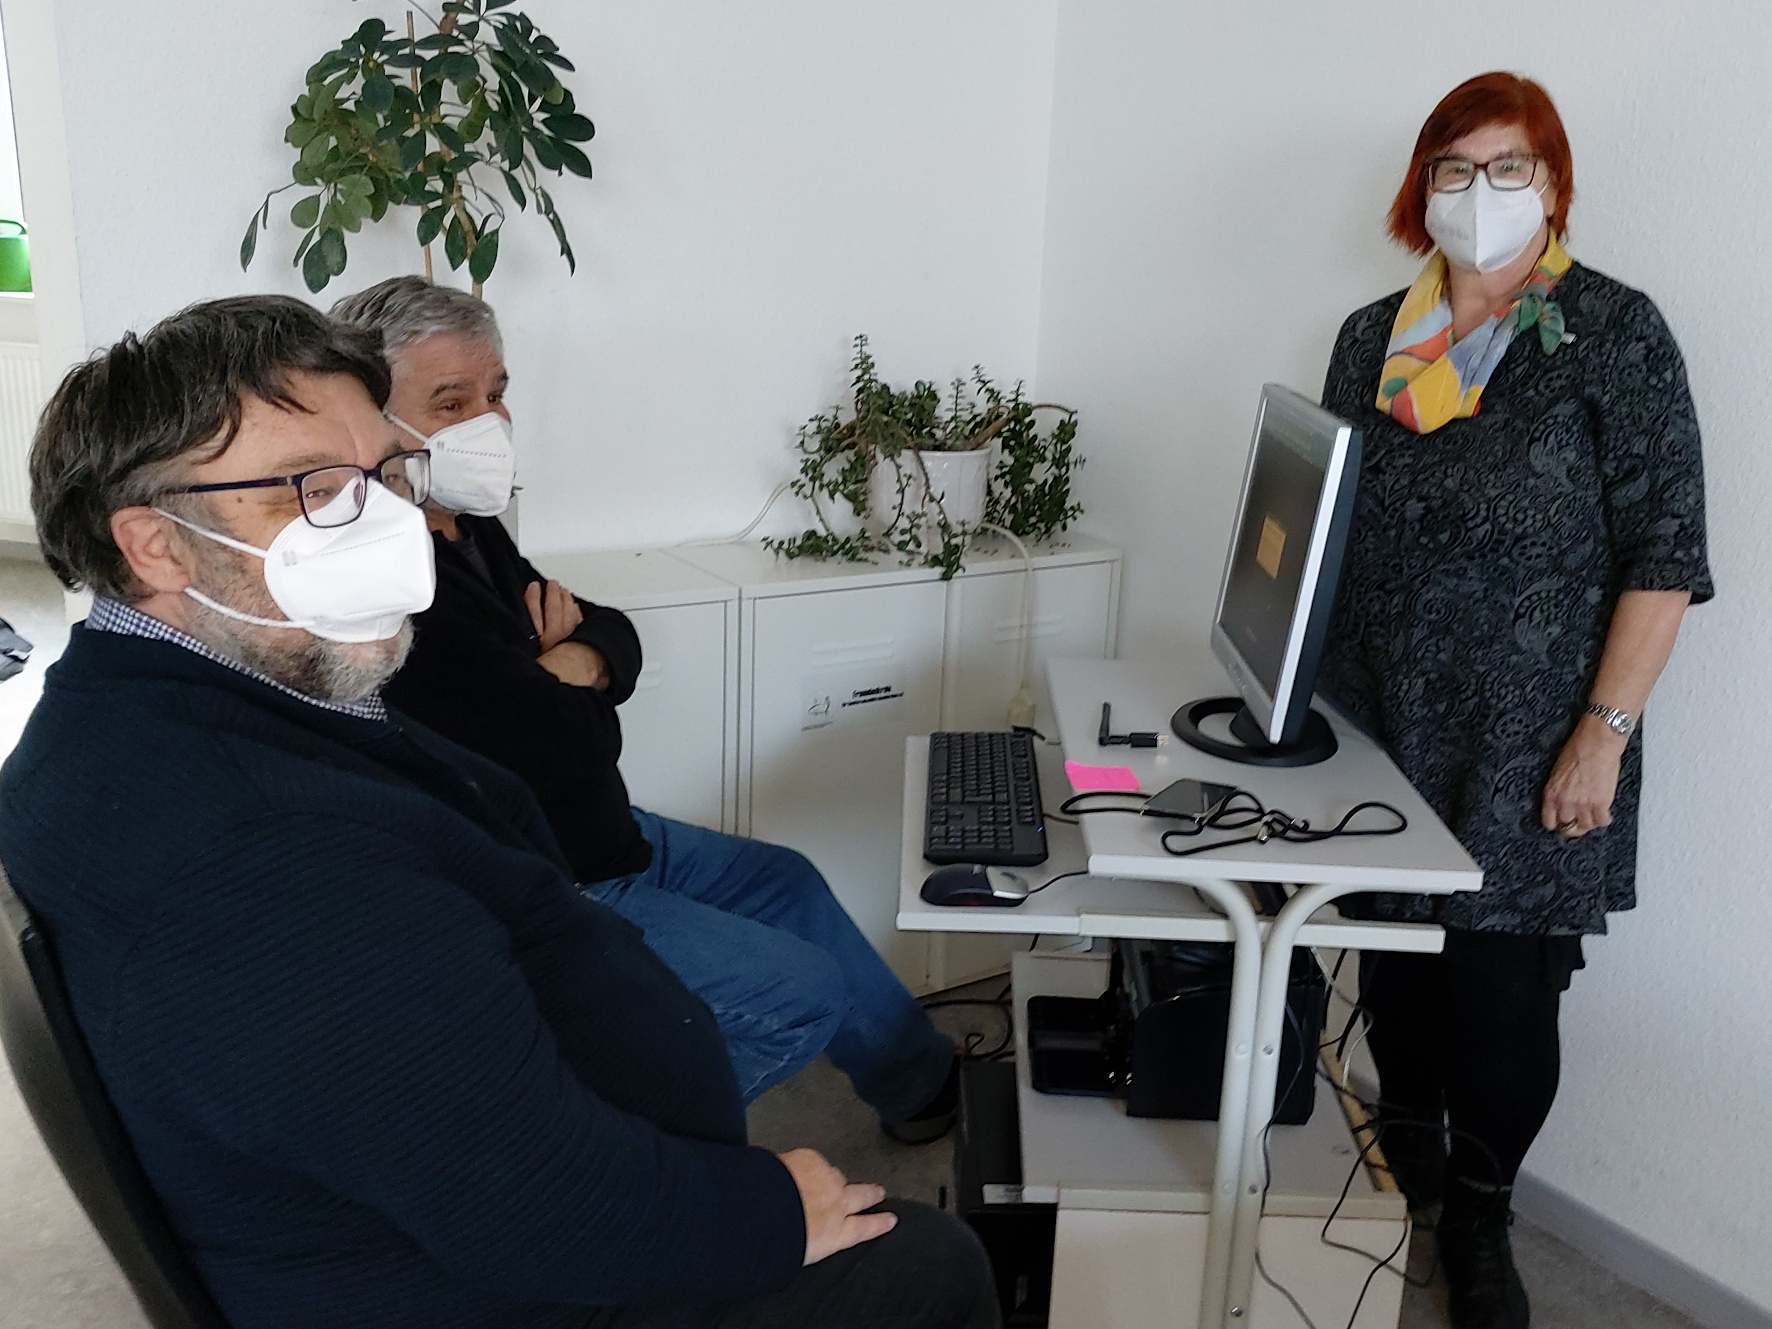 Joachim Becker, Bernd Färber und Ulrike Heckmann vom Repair Café Neunkirchen haben den Rechner in der Wärmestubb aufgebaut. Foto: Diakonie Saar